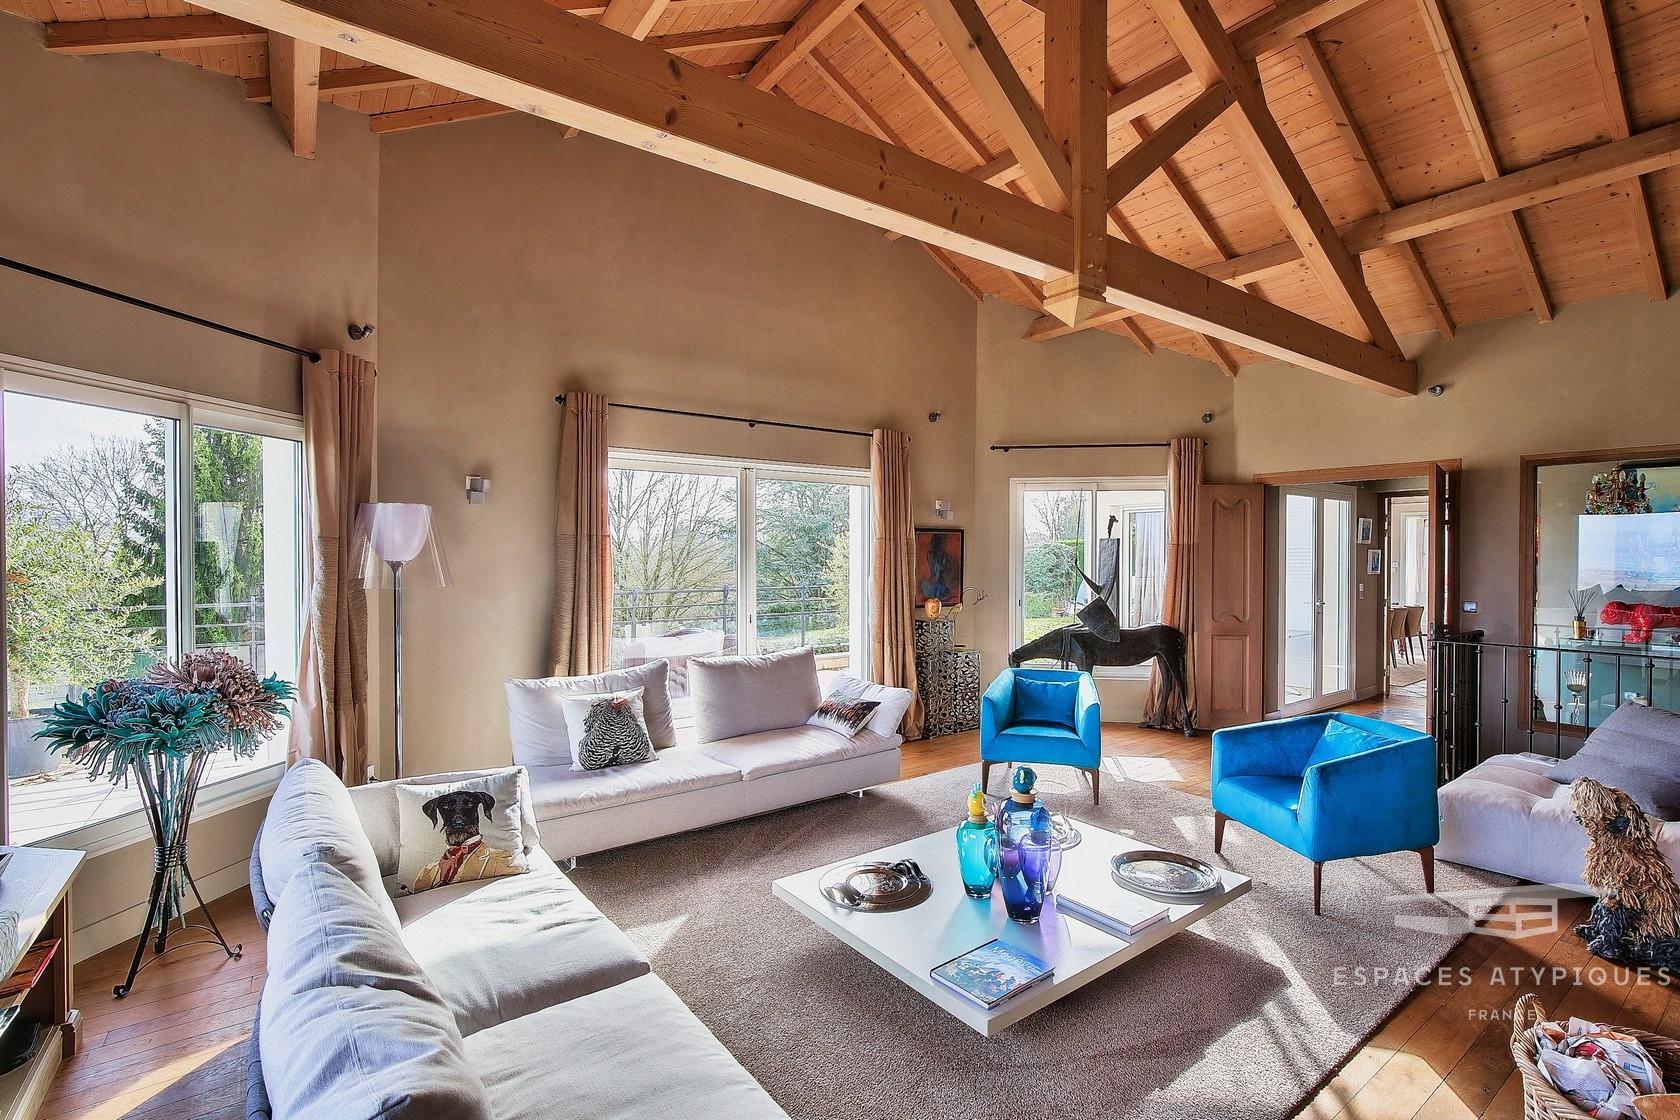 Espaces Atypiques Grenoble : Loft Terrasse Maison D ... destiné Piscine St Egreve